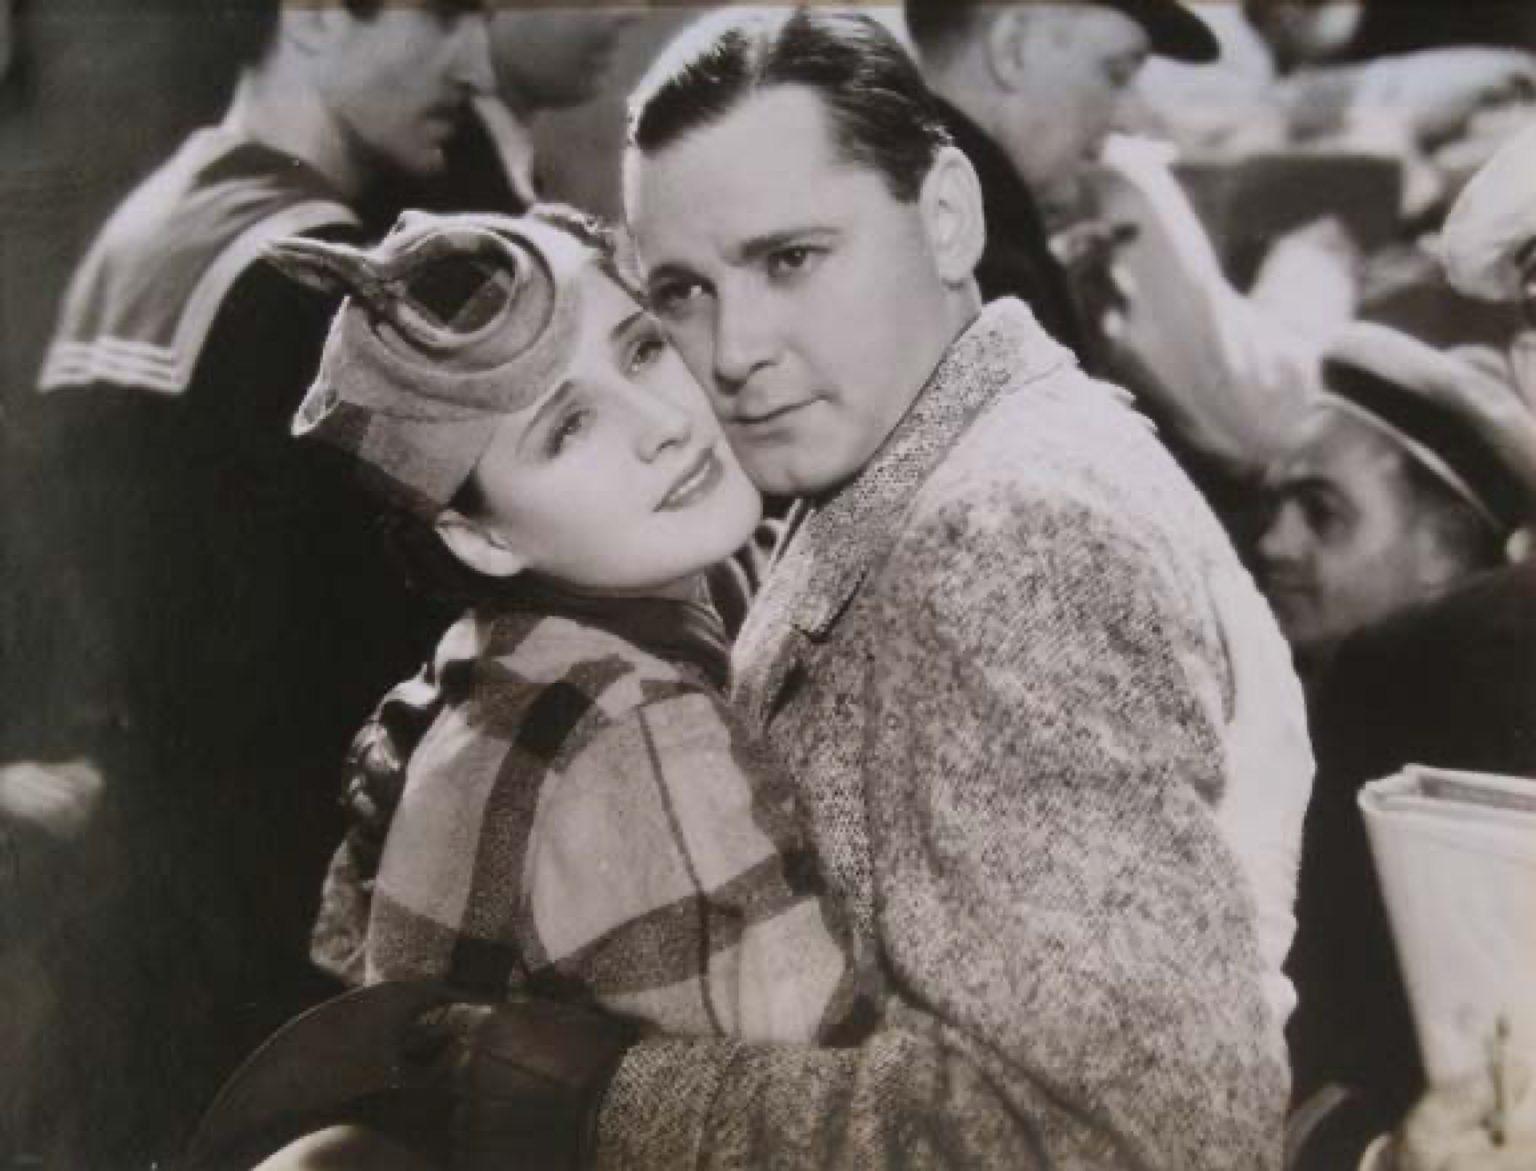 Norma Shearer and Herbert Marshall, Riptide